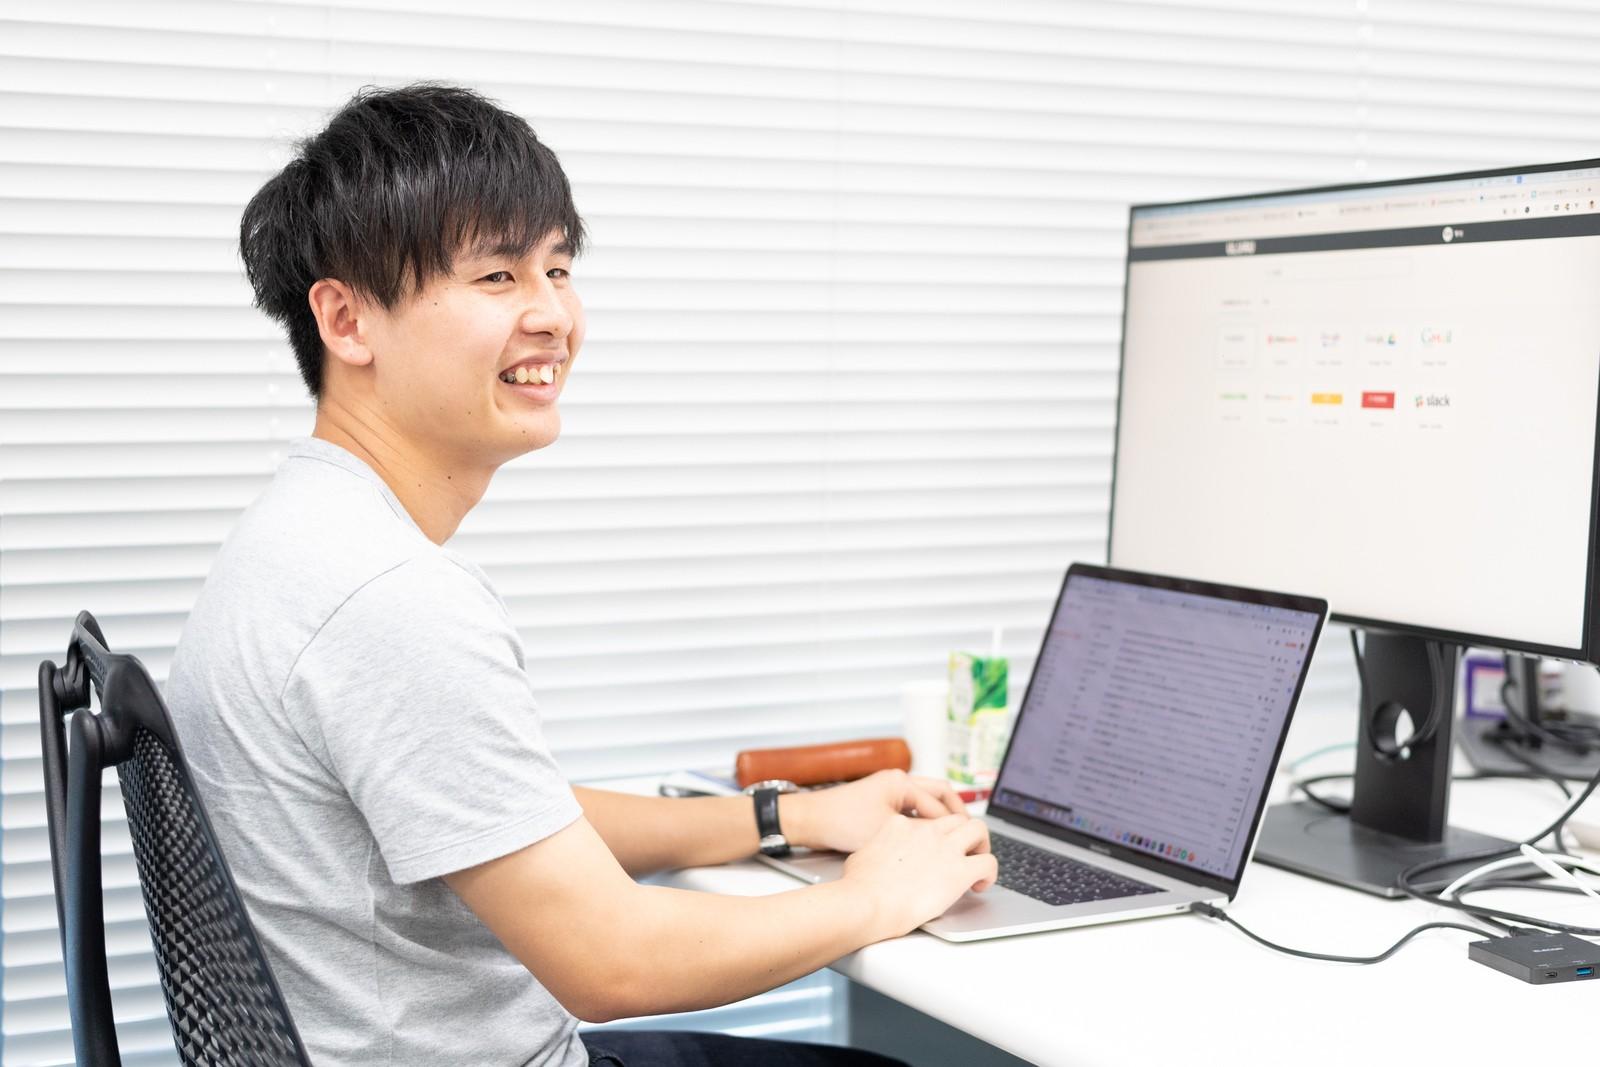 月間の売上1億円超、収益の柱となる自社サービスの新機能開発・改修を担うPHPエンジニア募集!